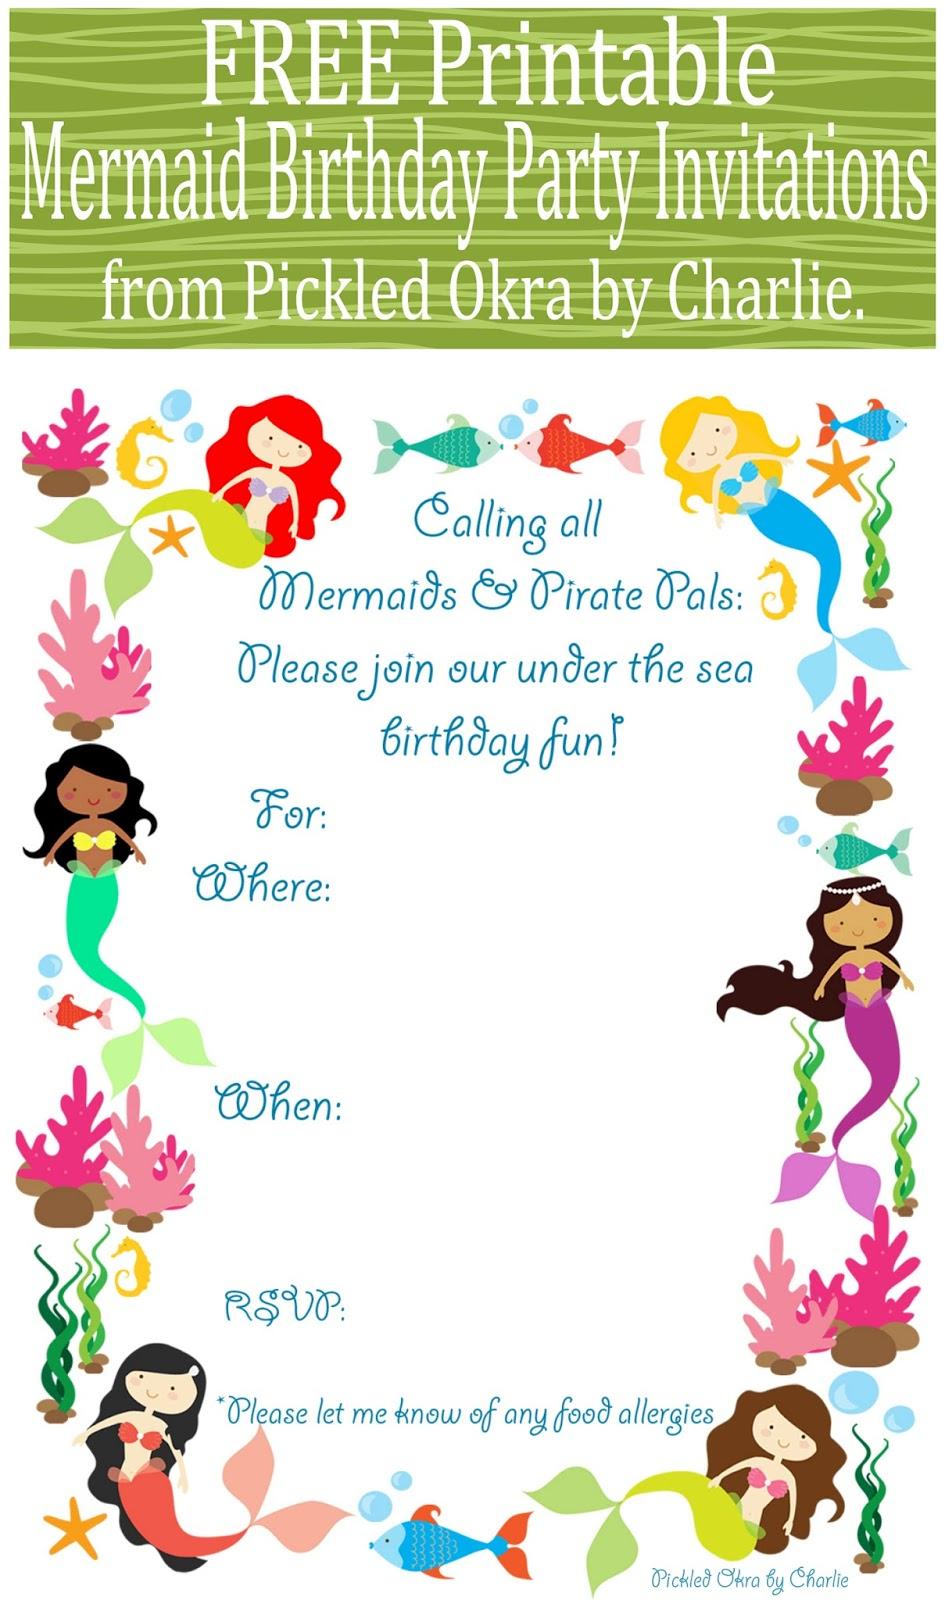 Mermaid Bithday Party Invitations, Free Printable - Free Printable Water Park Birthday Invitations